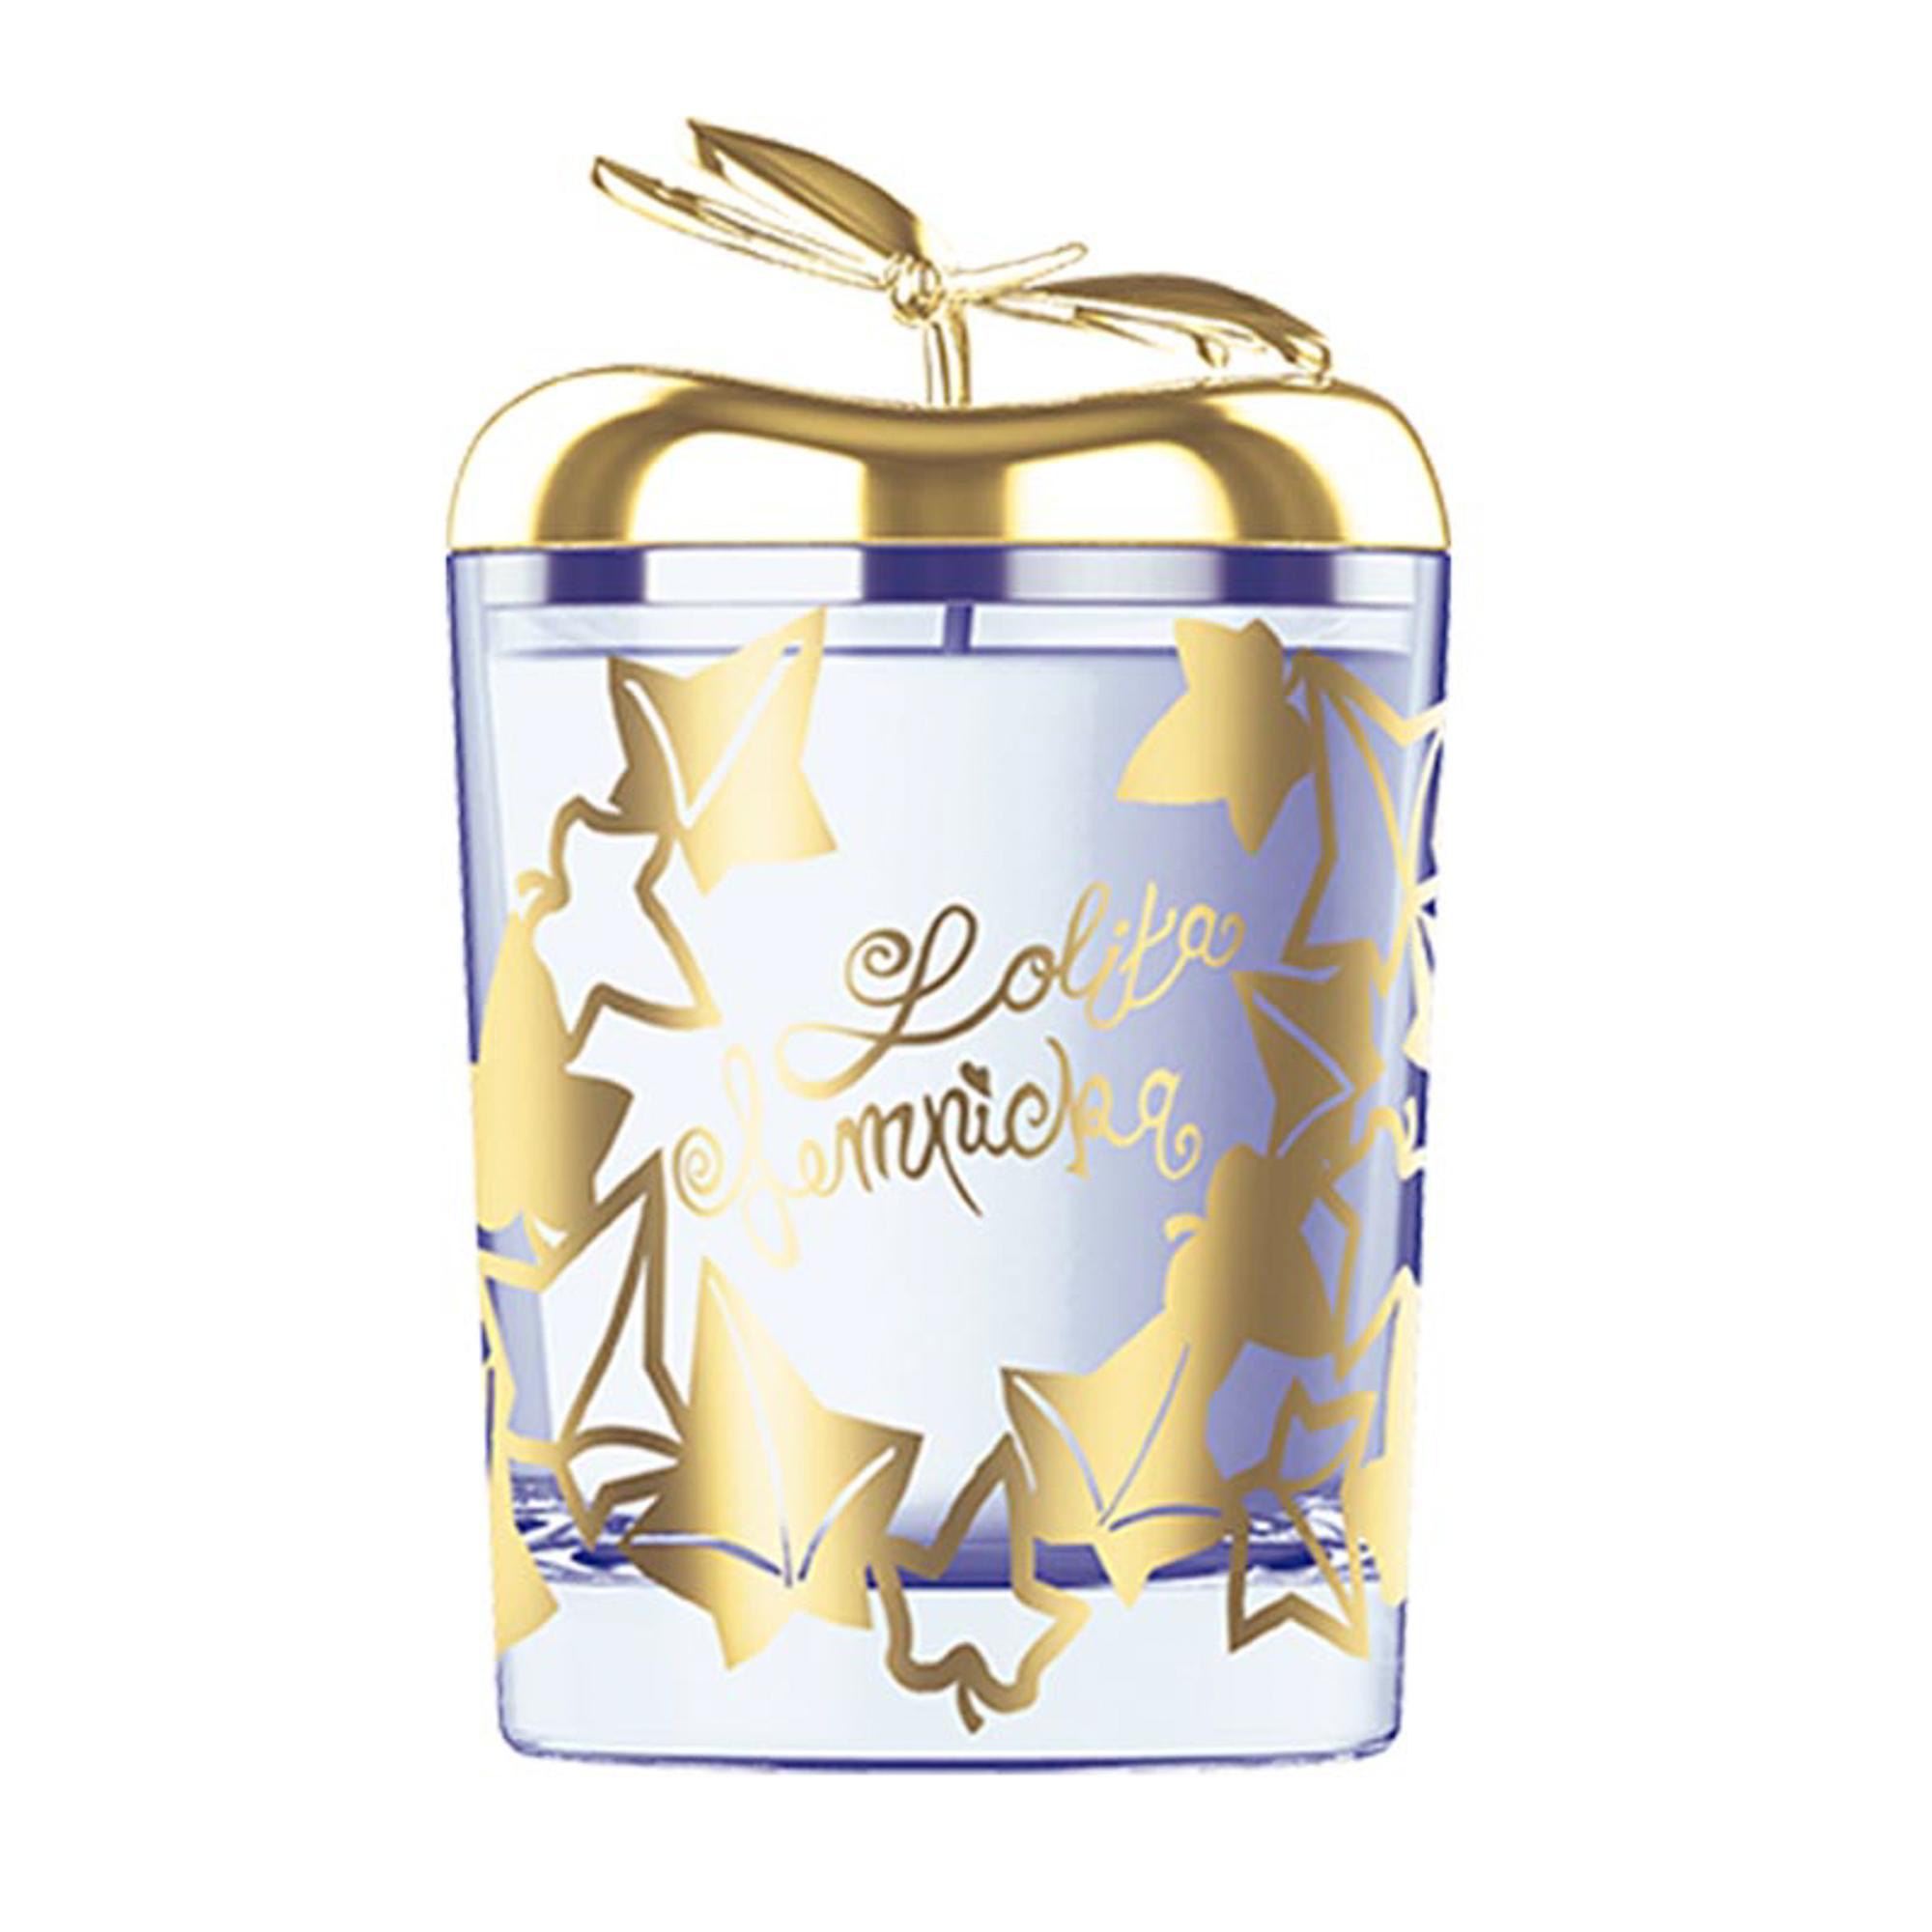 Свеча ароматическая Maison berger Лолита лемпика фиалковая 180 г